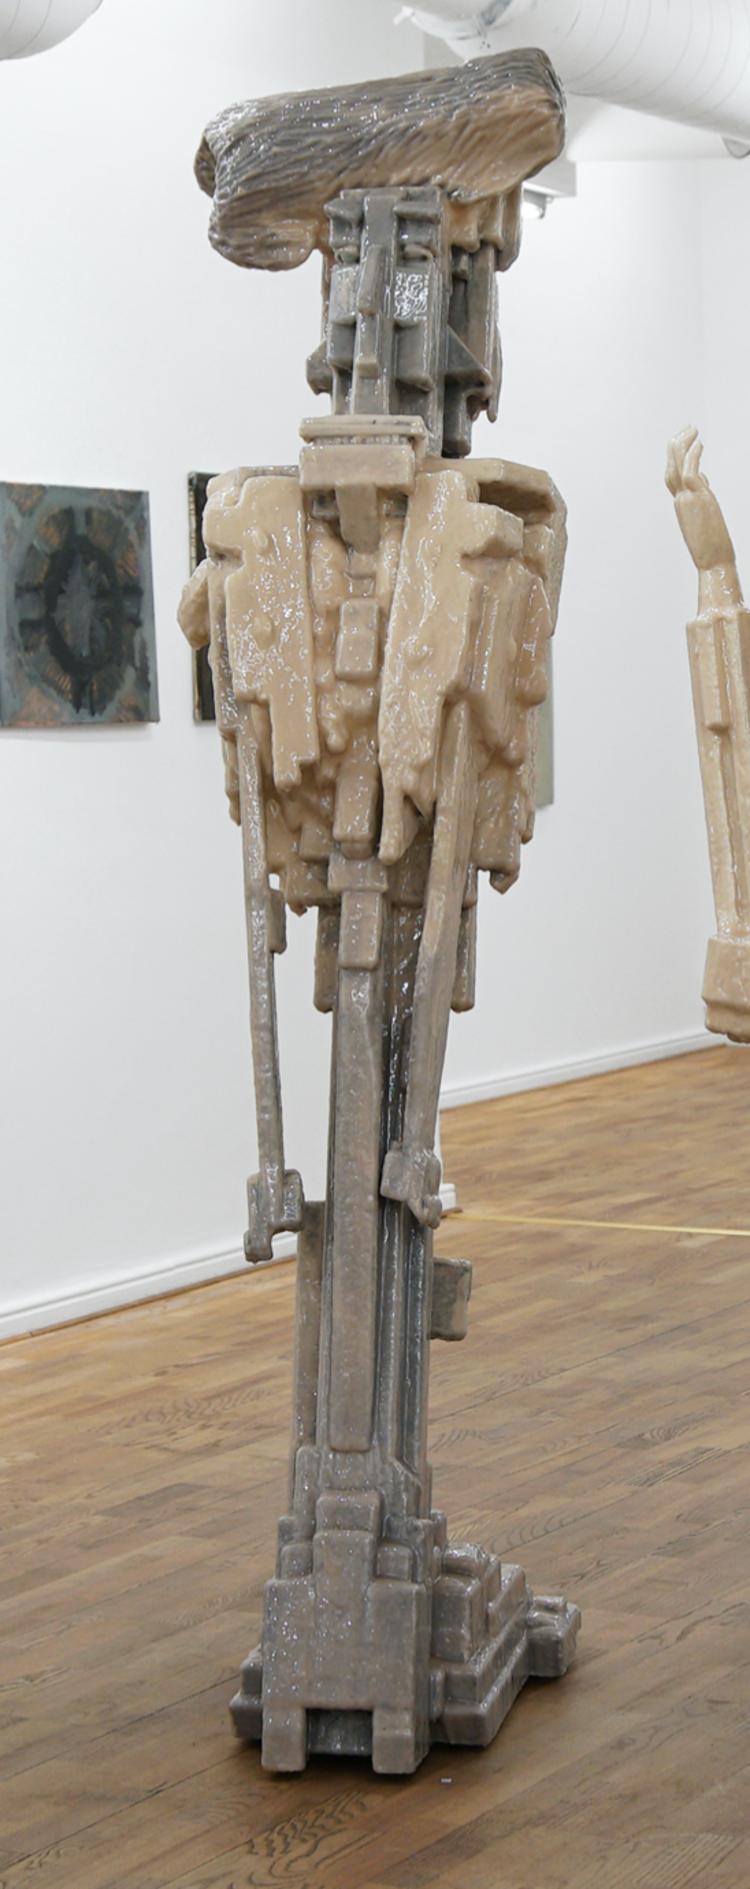 'Mormor', 2019, ett konstverk av Max Ockborn